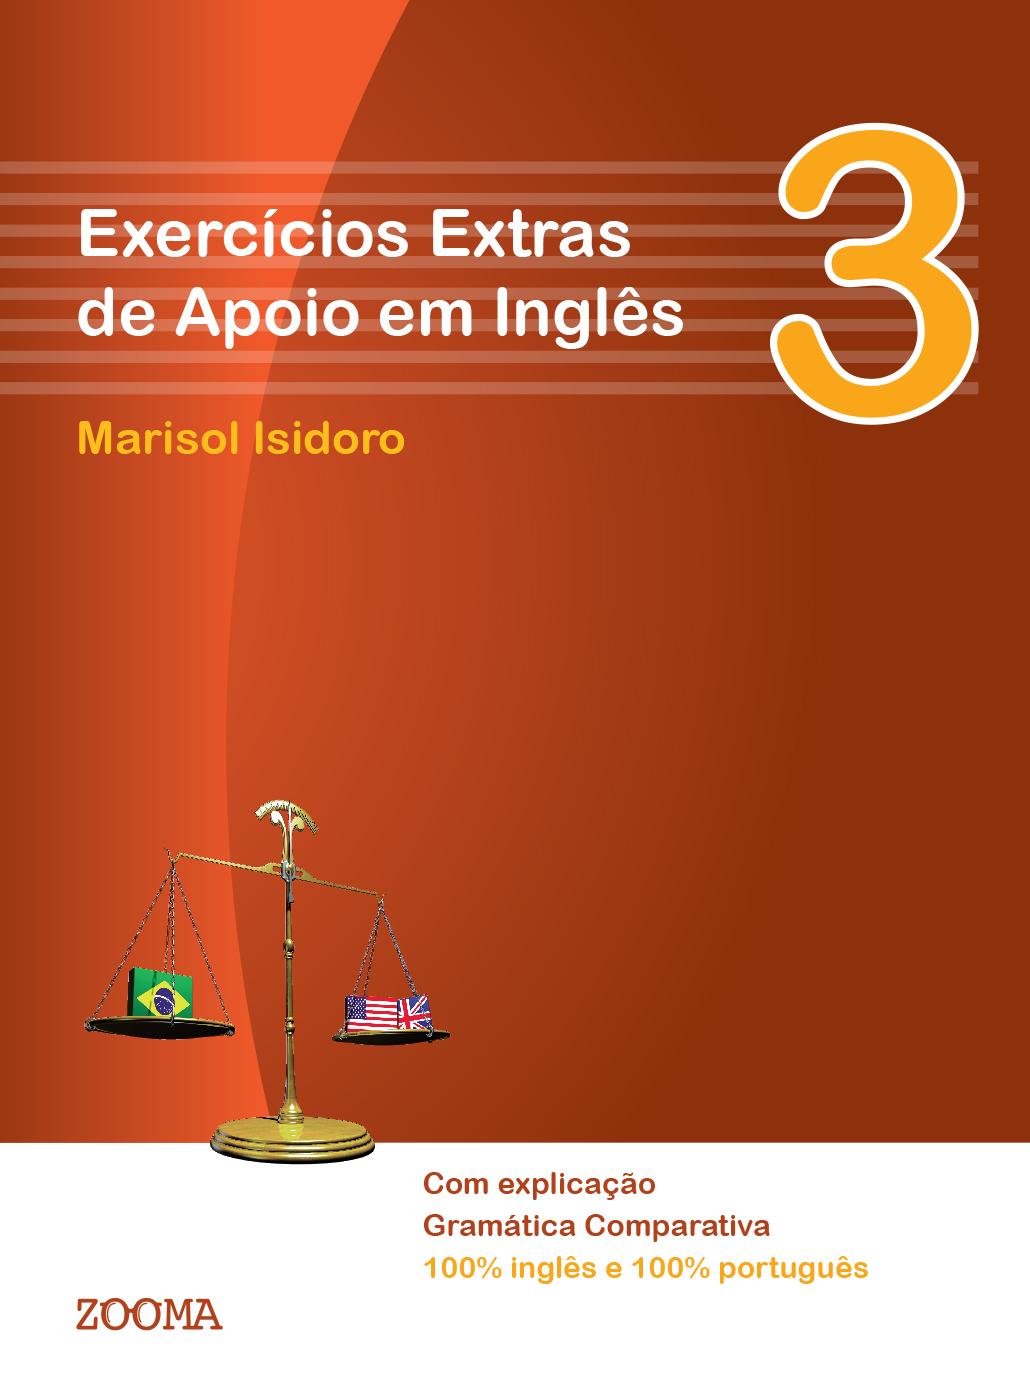 Exercícios Extras de Apoio em Inglês 3